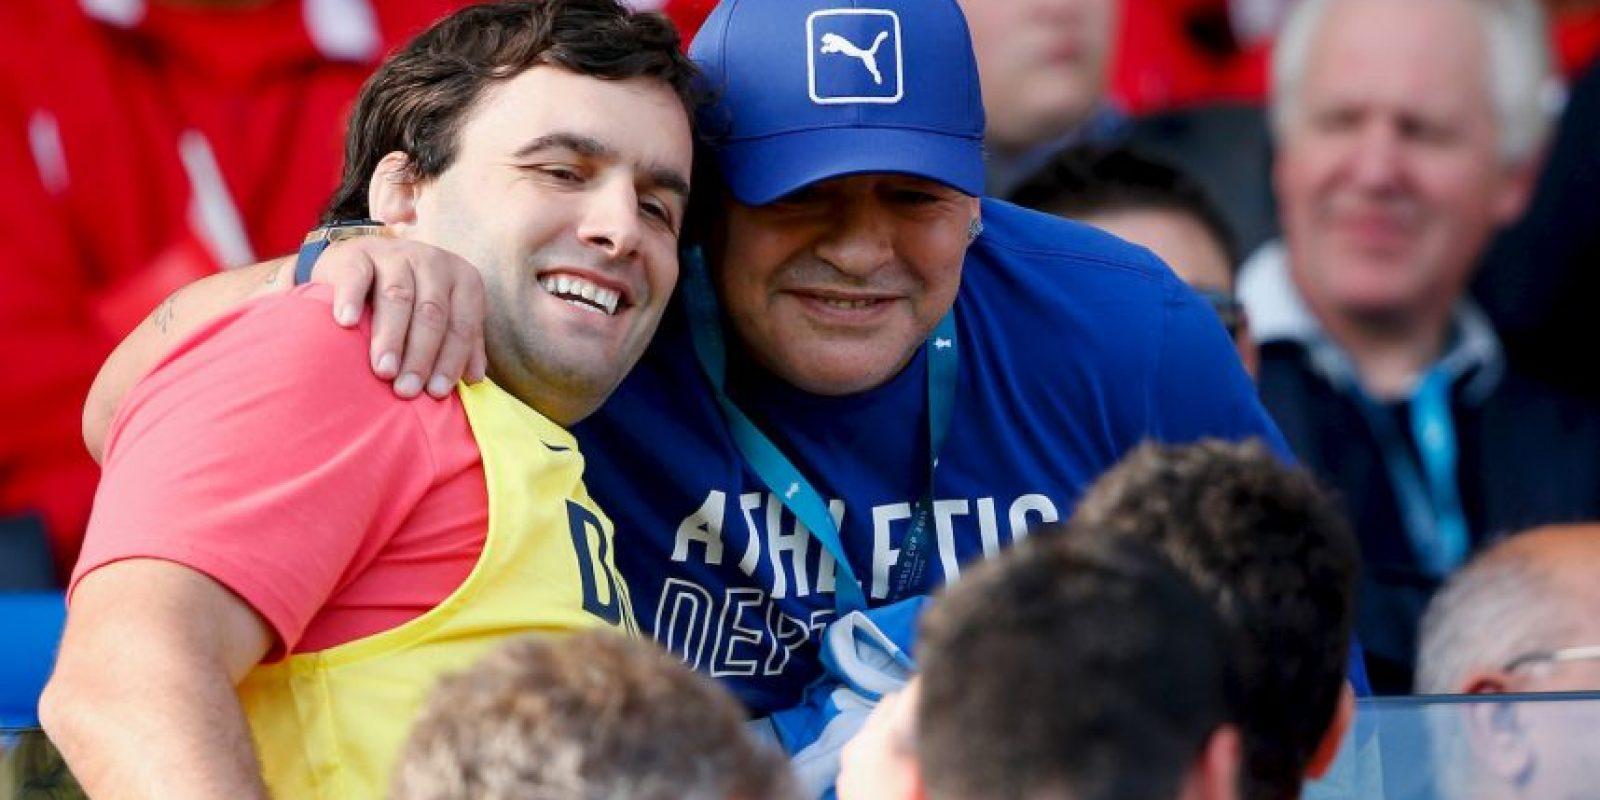 Como DT dirigió a Racing, Deportivo Mandiyú, la Selección de Argentina y Al Wasl FC de Emiratos Árabes Unidos Foto:Getty Images